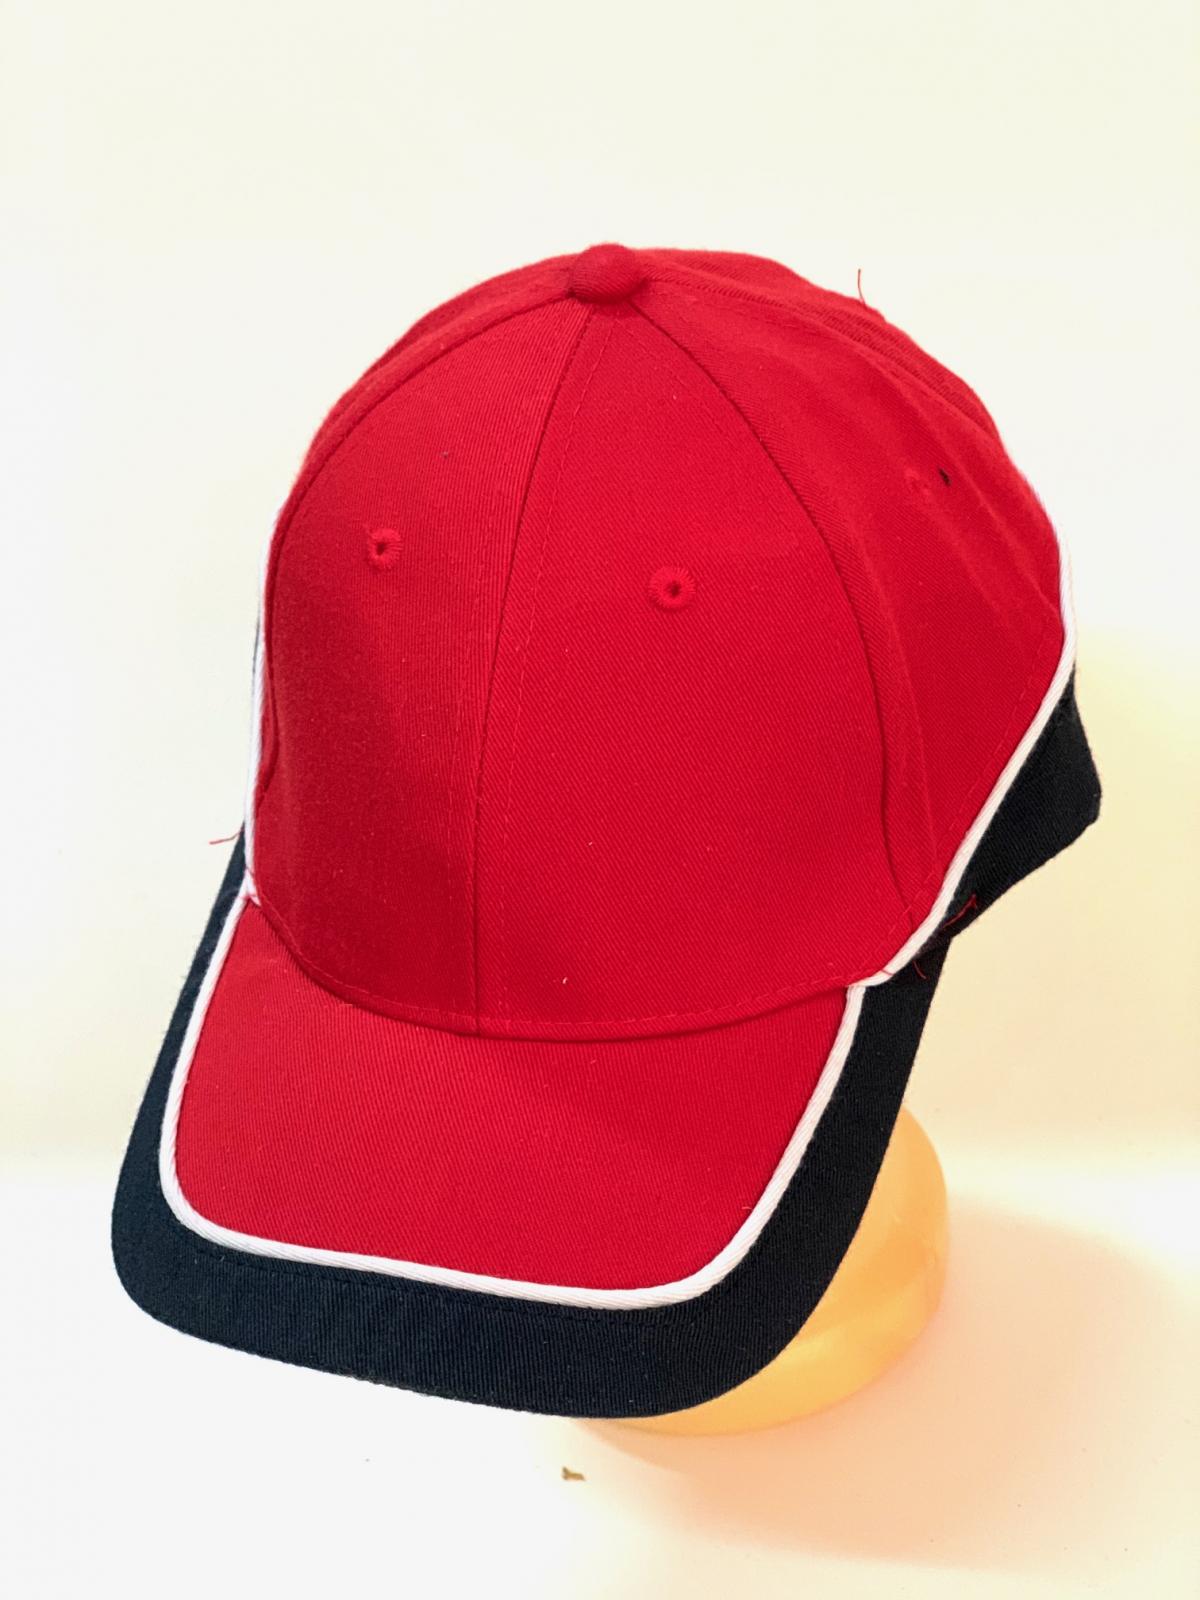 Красная бейсболка с черными вставками